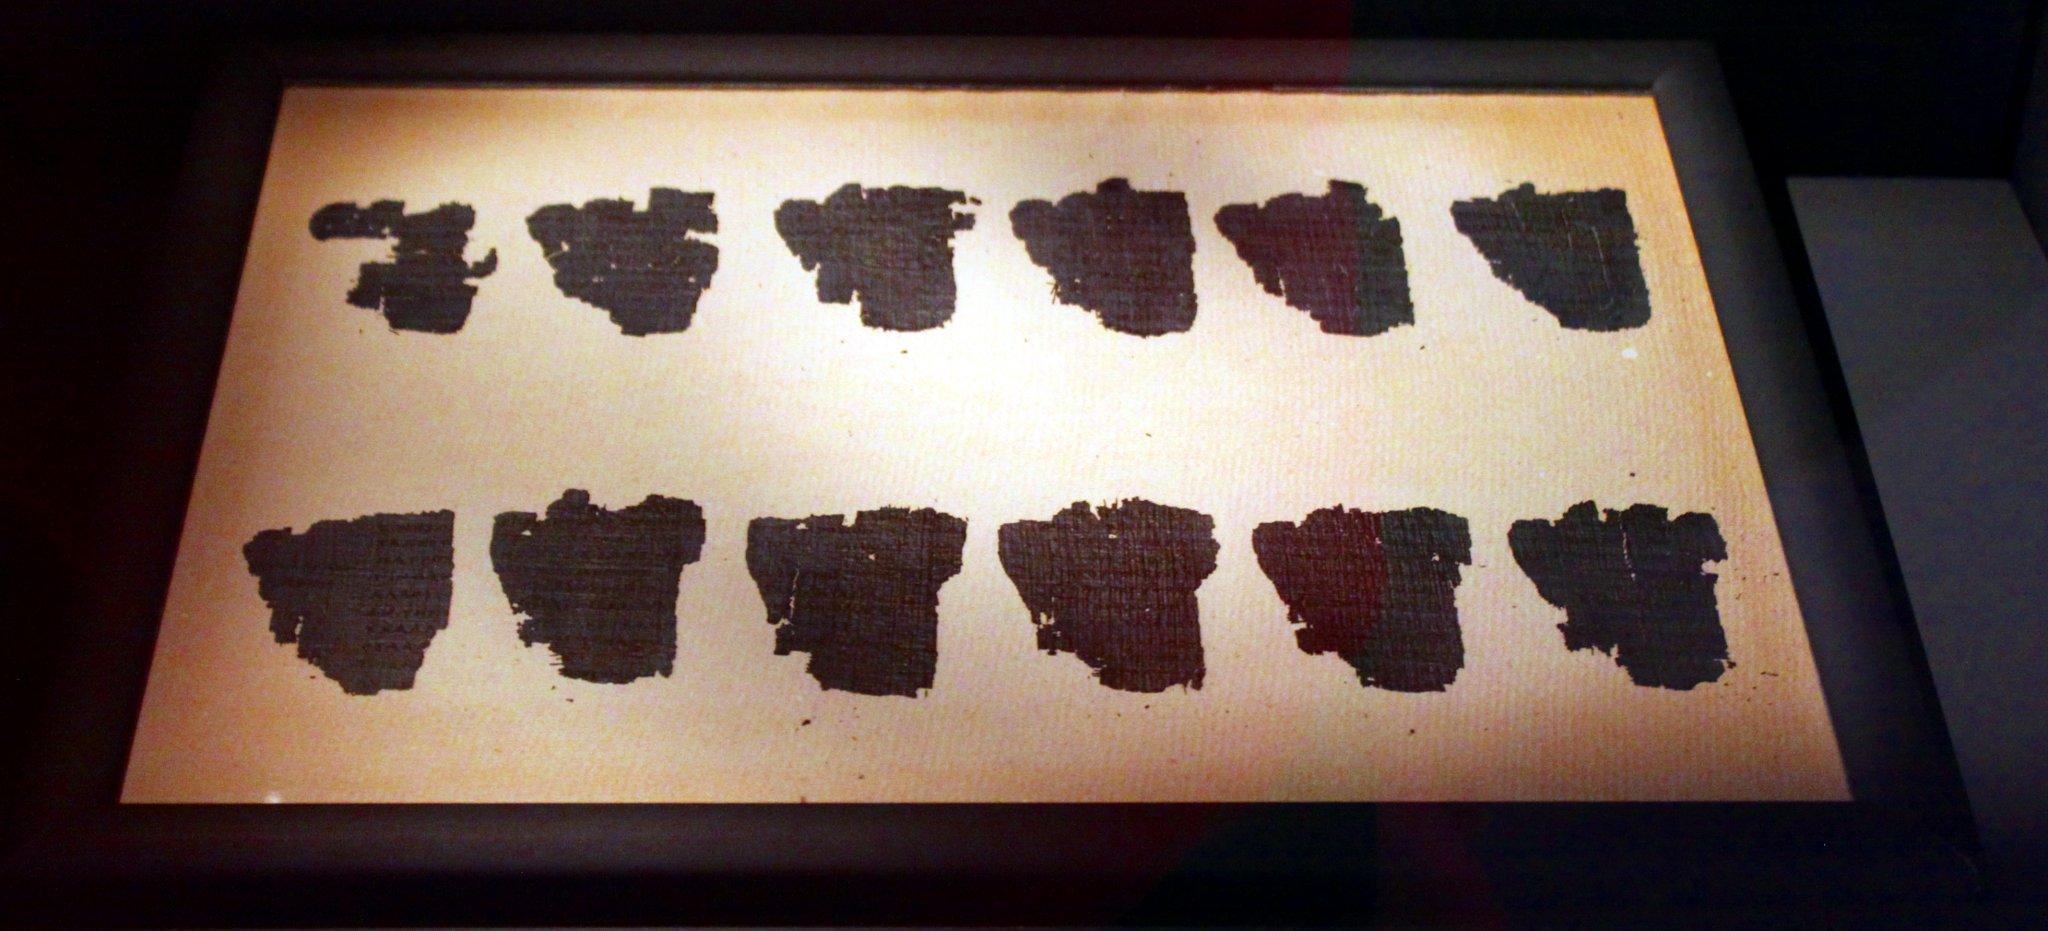 The Derveni Papyrus.jpg